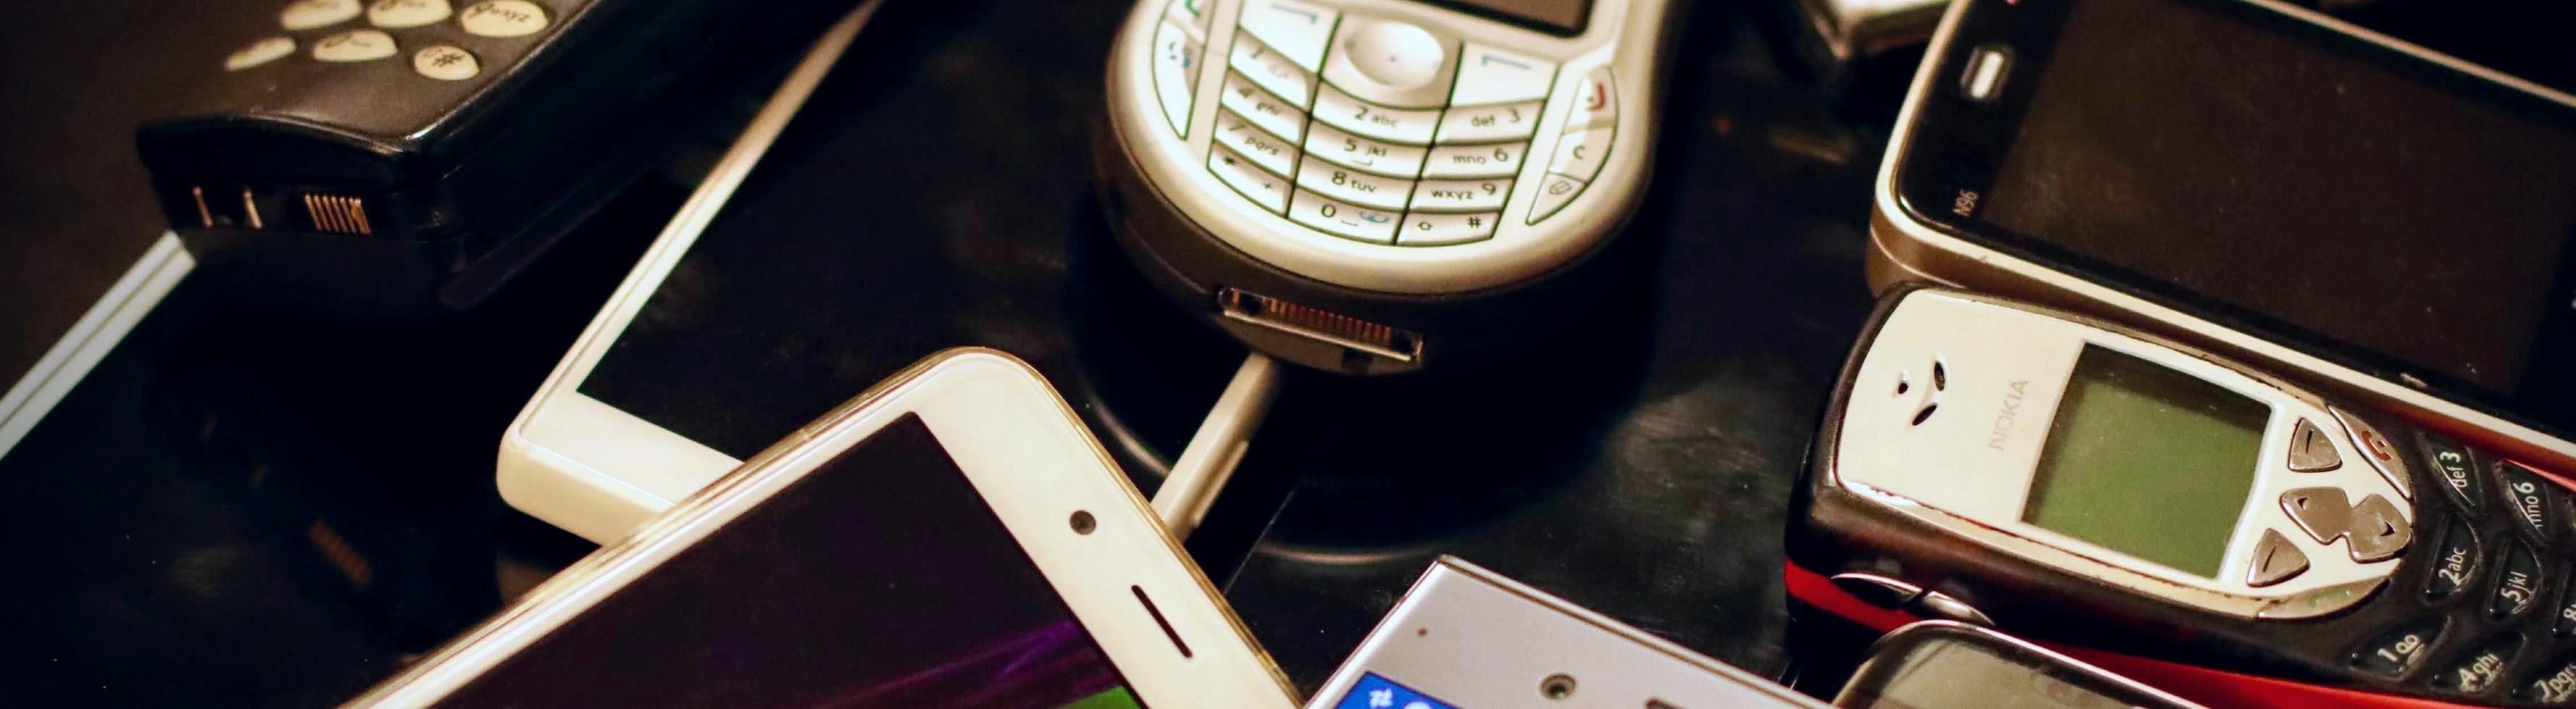 Alte Handys liegen auf einem Haufen.